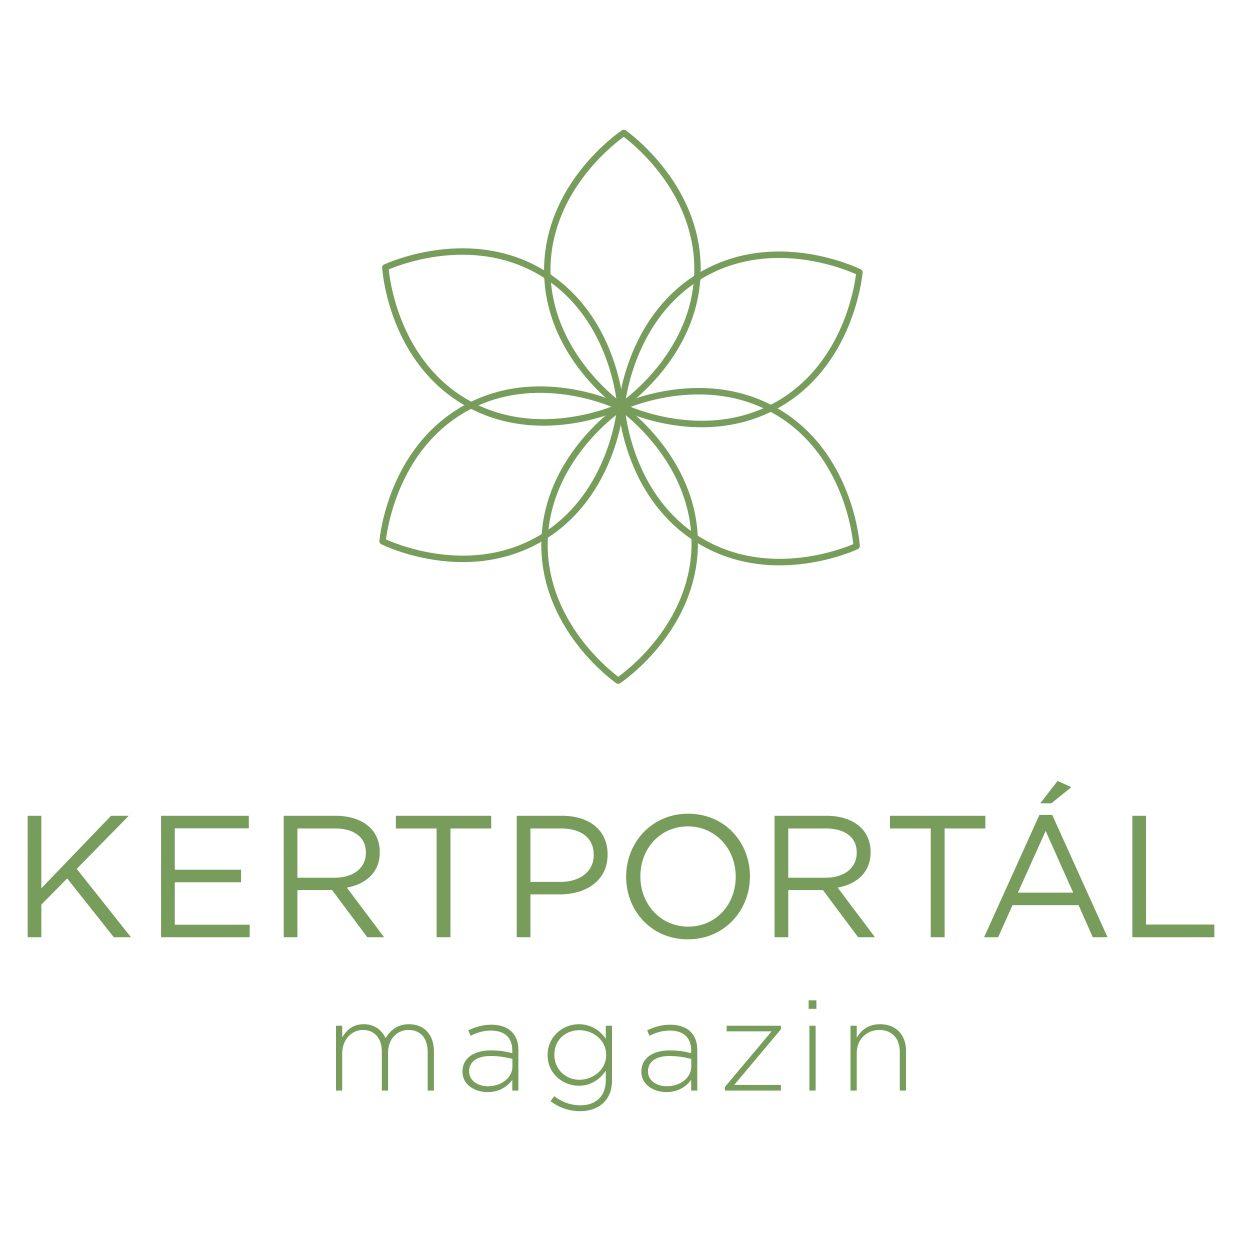 Kertportál Magazin